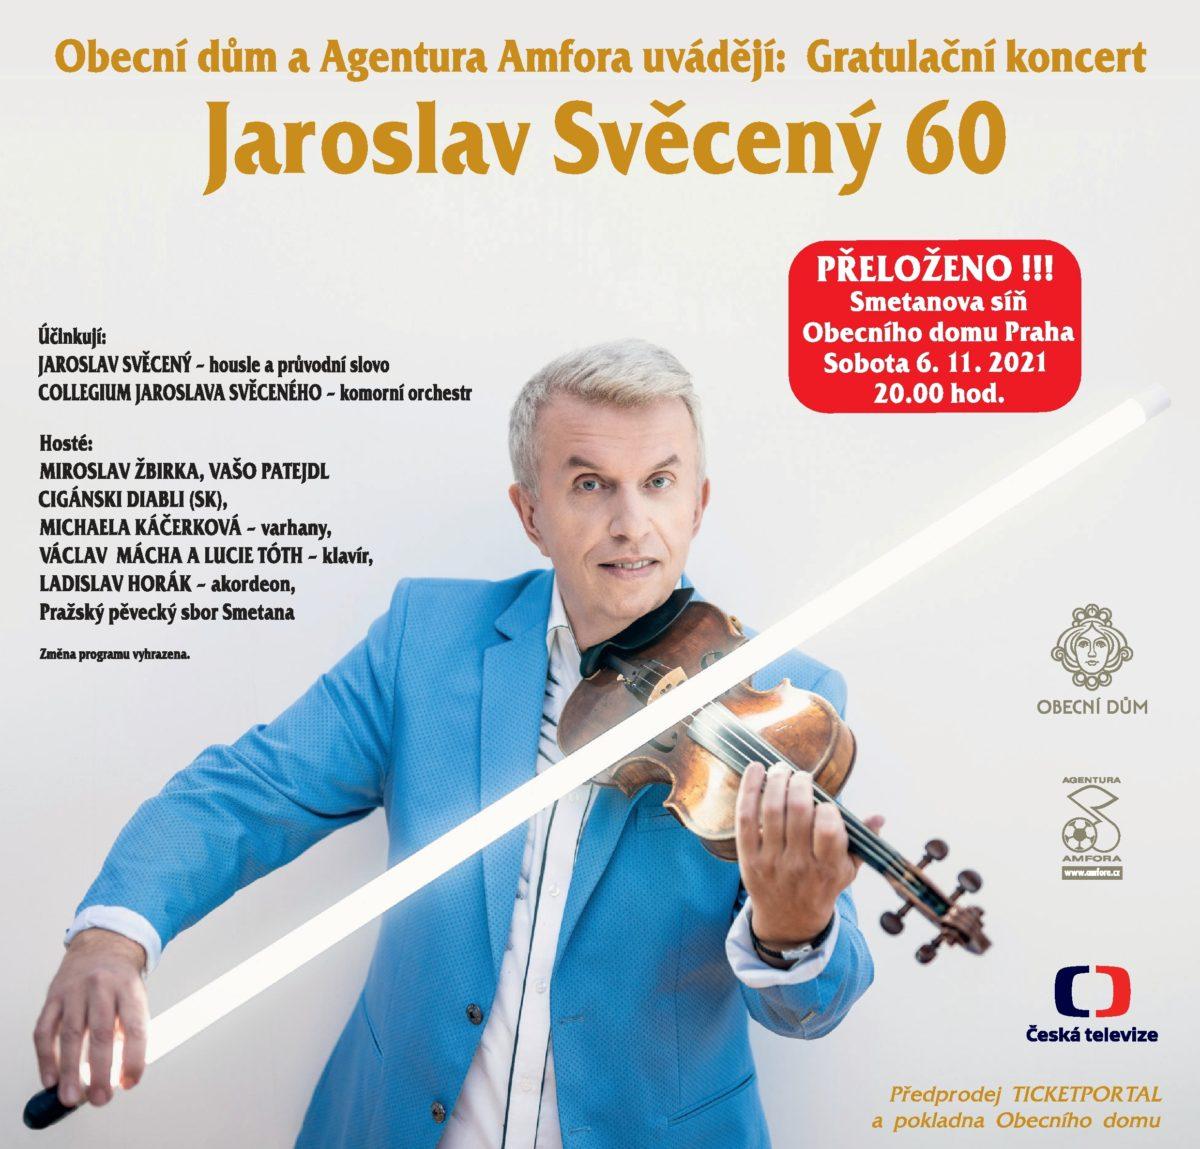 Gratulační koncert Jaroslav Svěcený 60 je znovu přesunut !